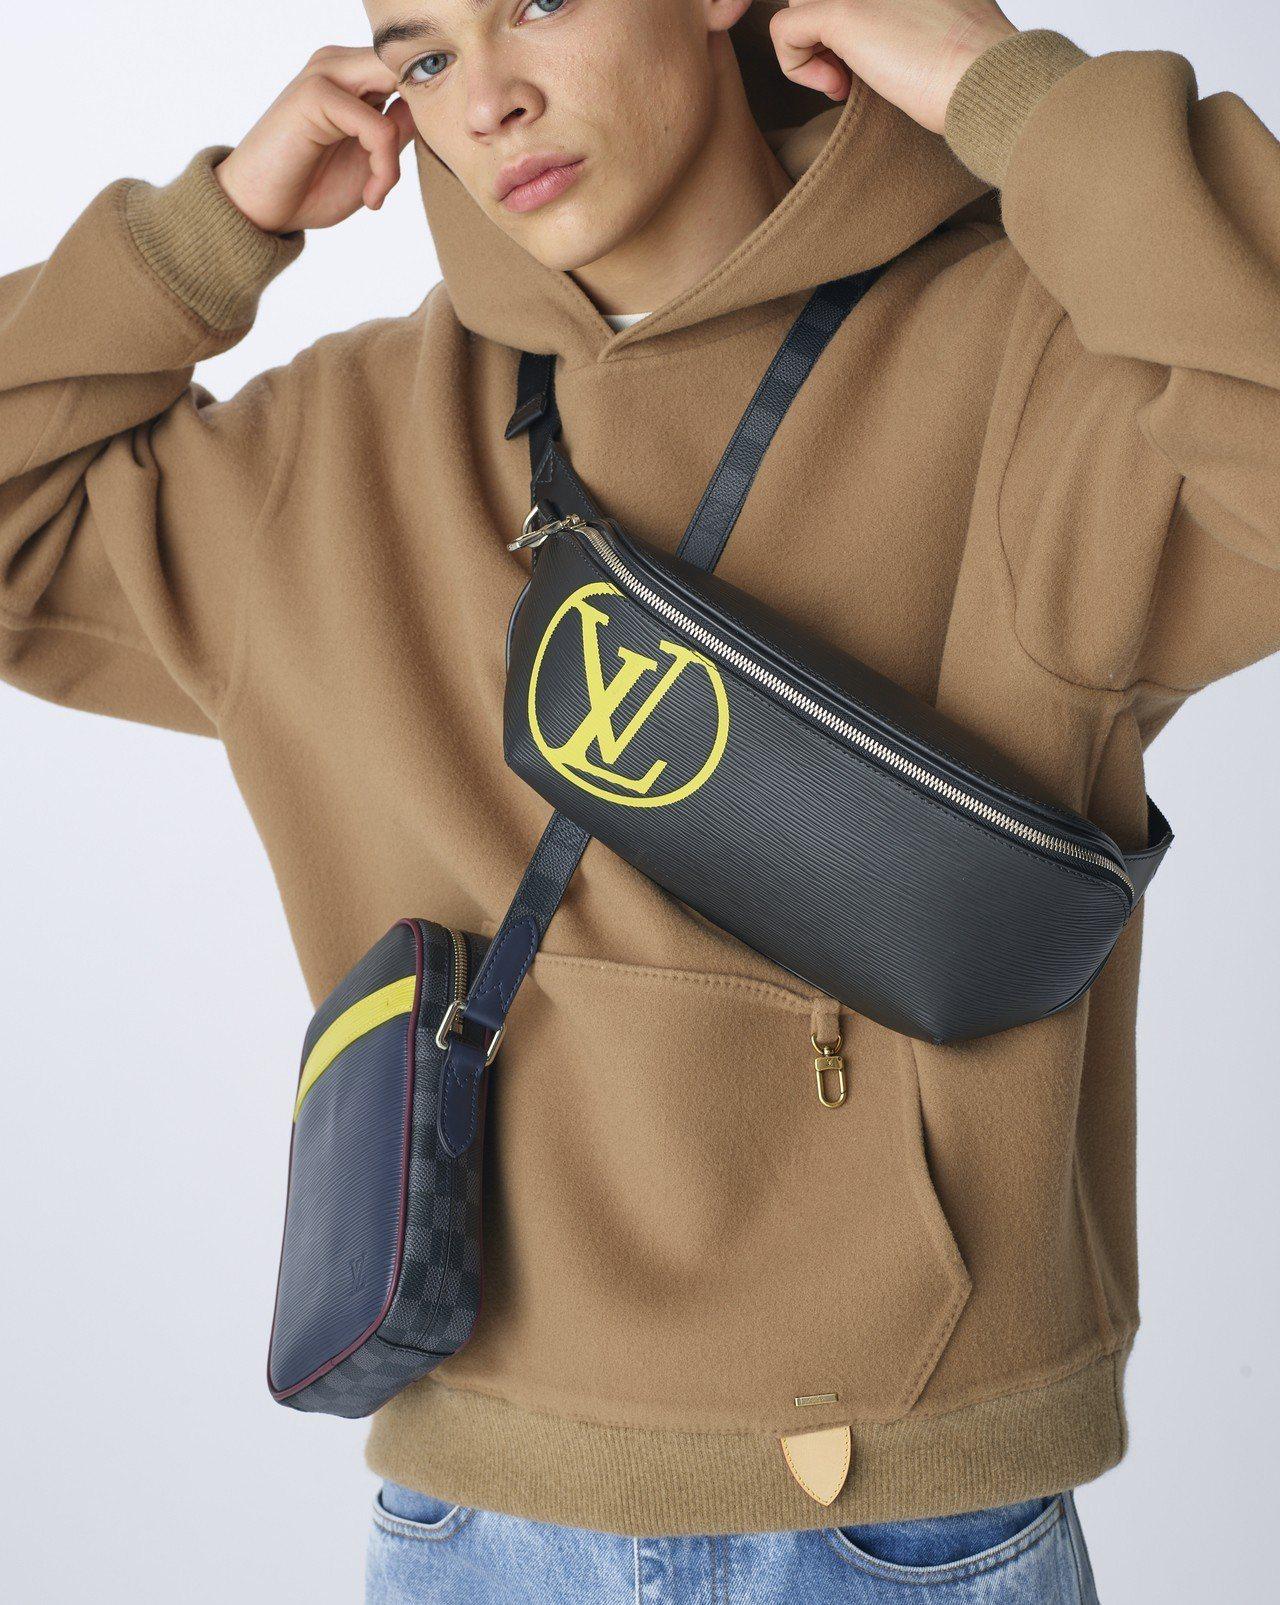 (右)Epi Patchwork腰包,售價61,000元。圖/LV提供